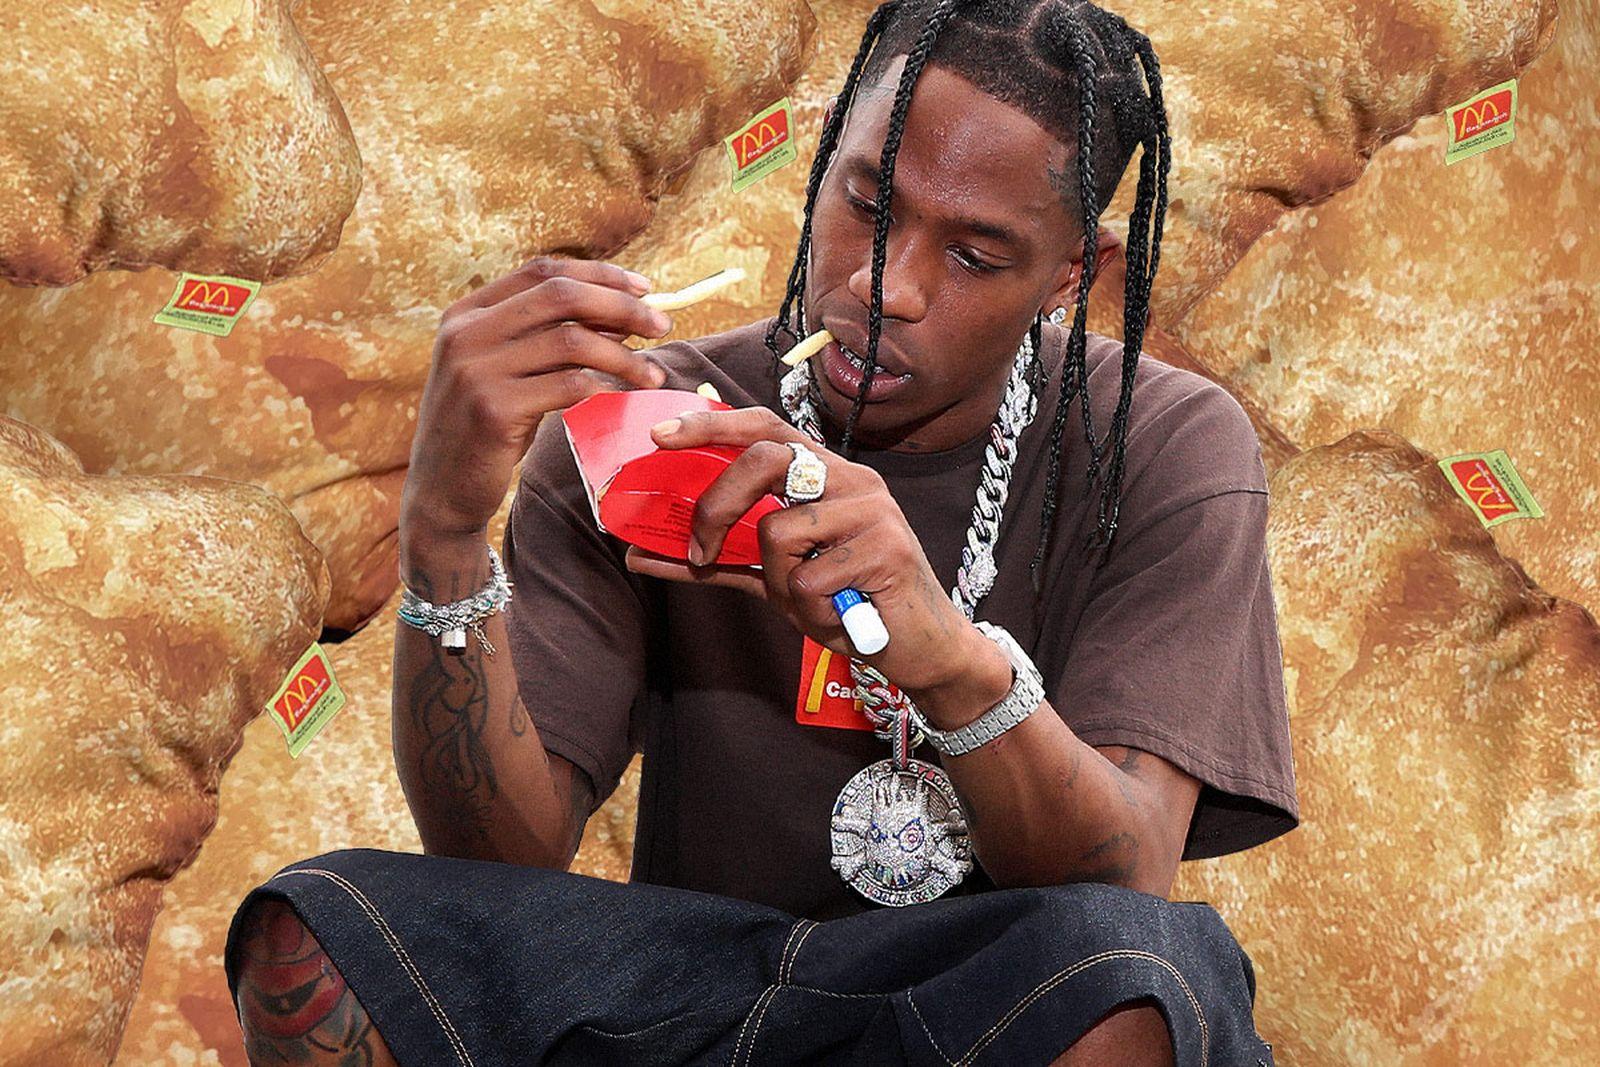 travis-scott-mcdonalds-chicken-nugget-pillow-fail-main02